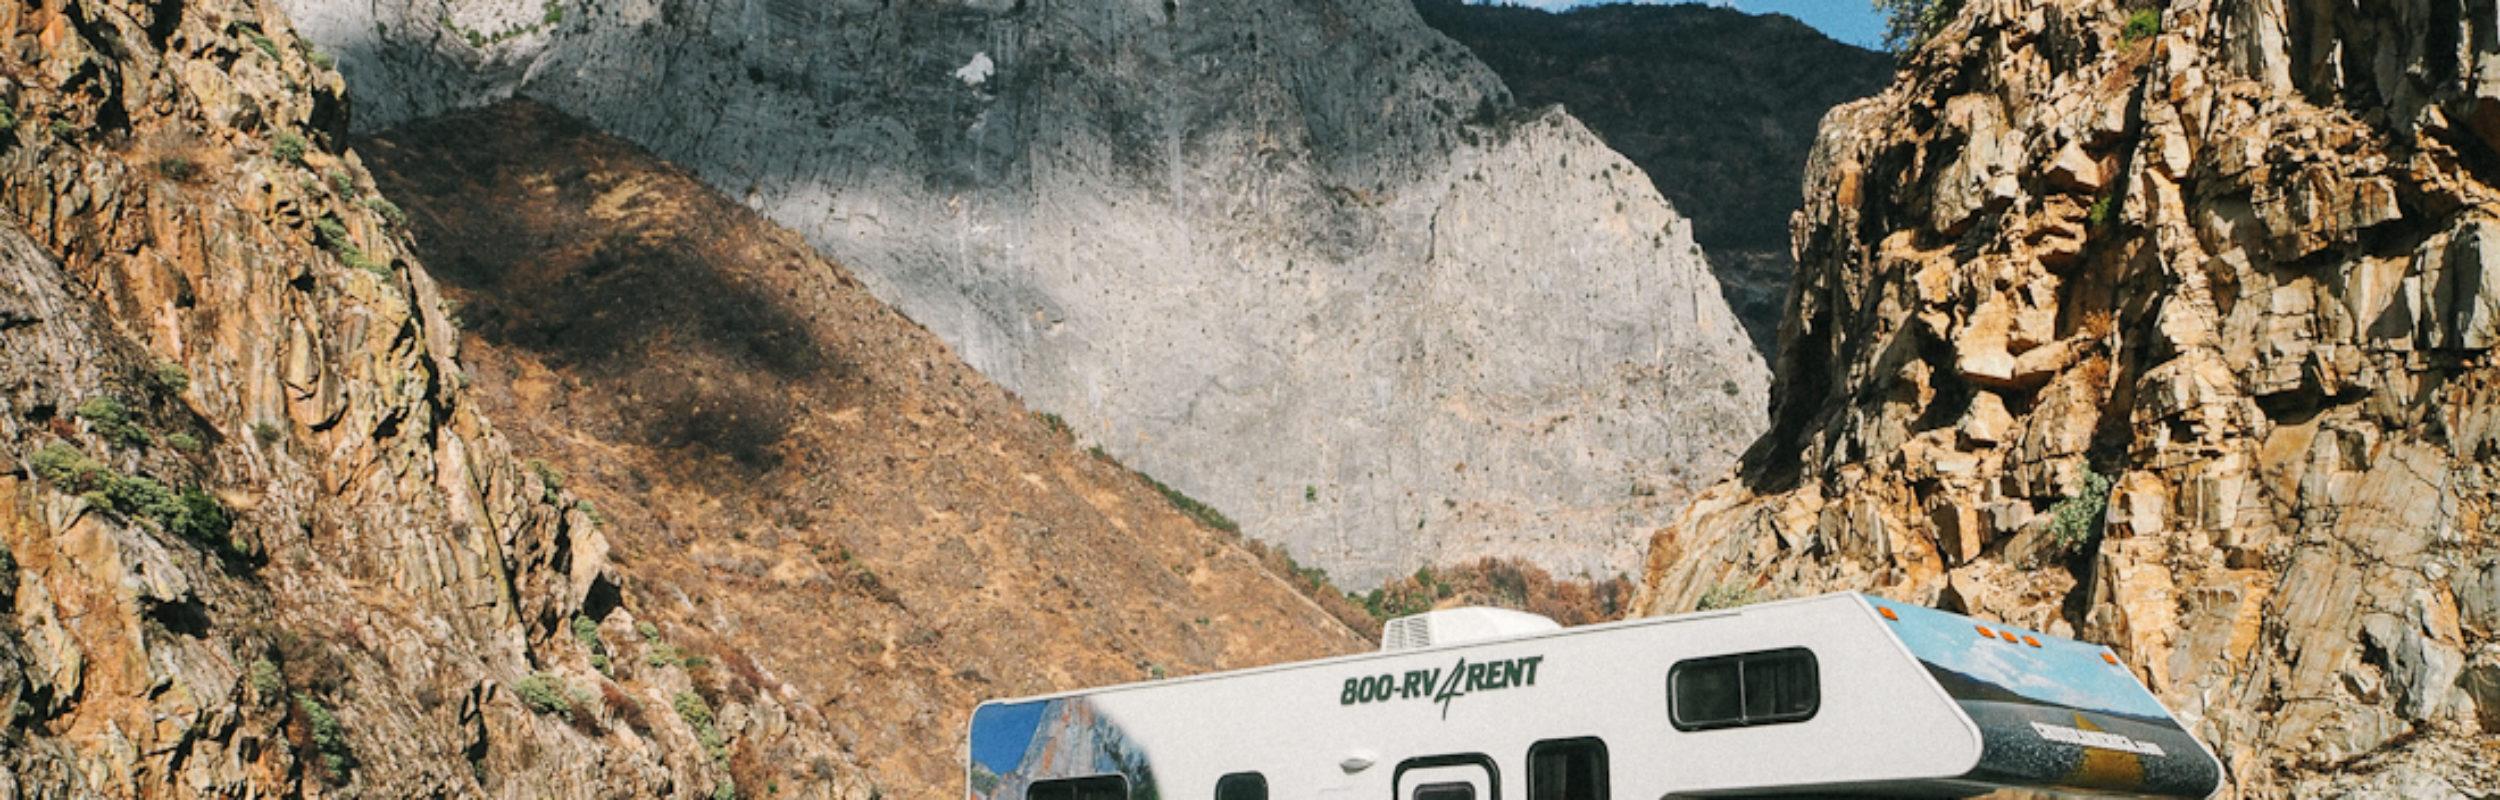 Bien préparer son road-trip en camping-car en Californie : tous nos conseils !